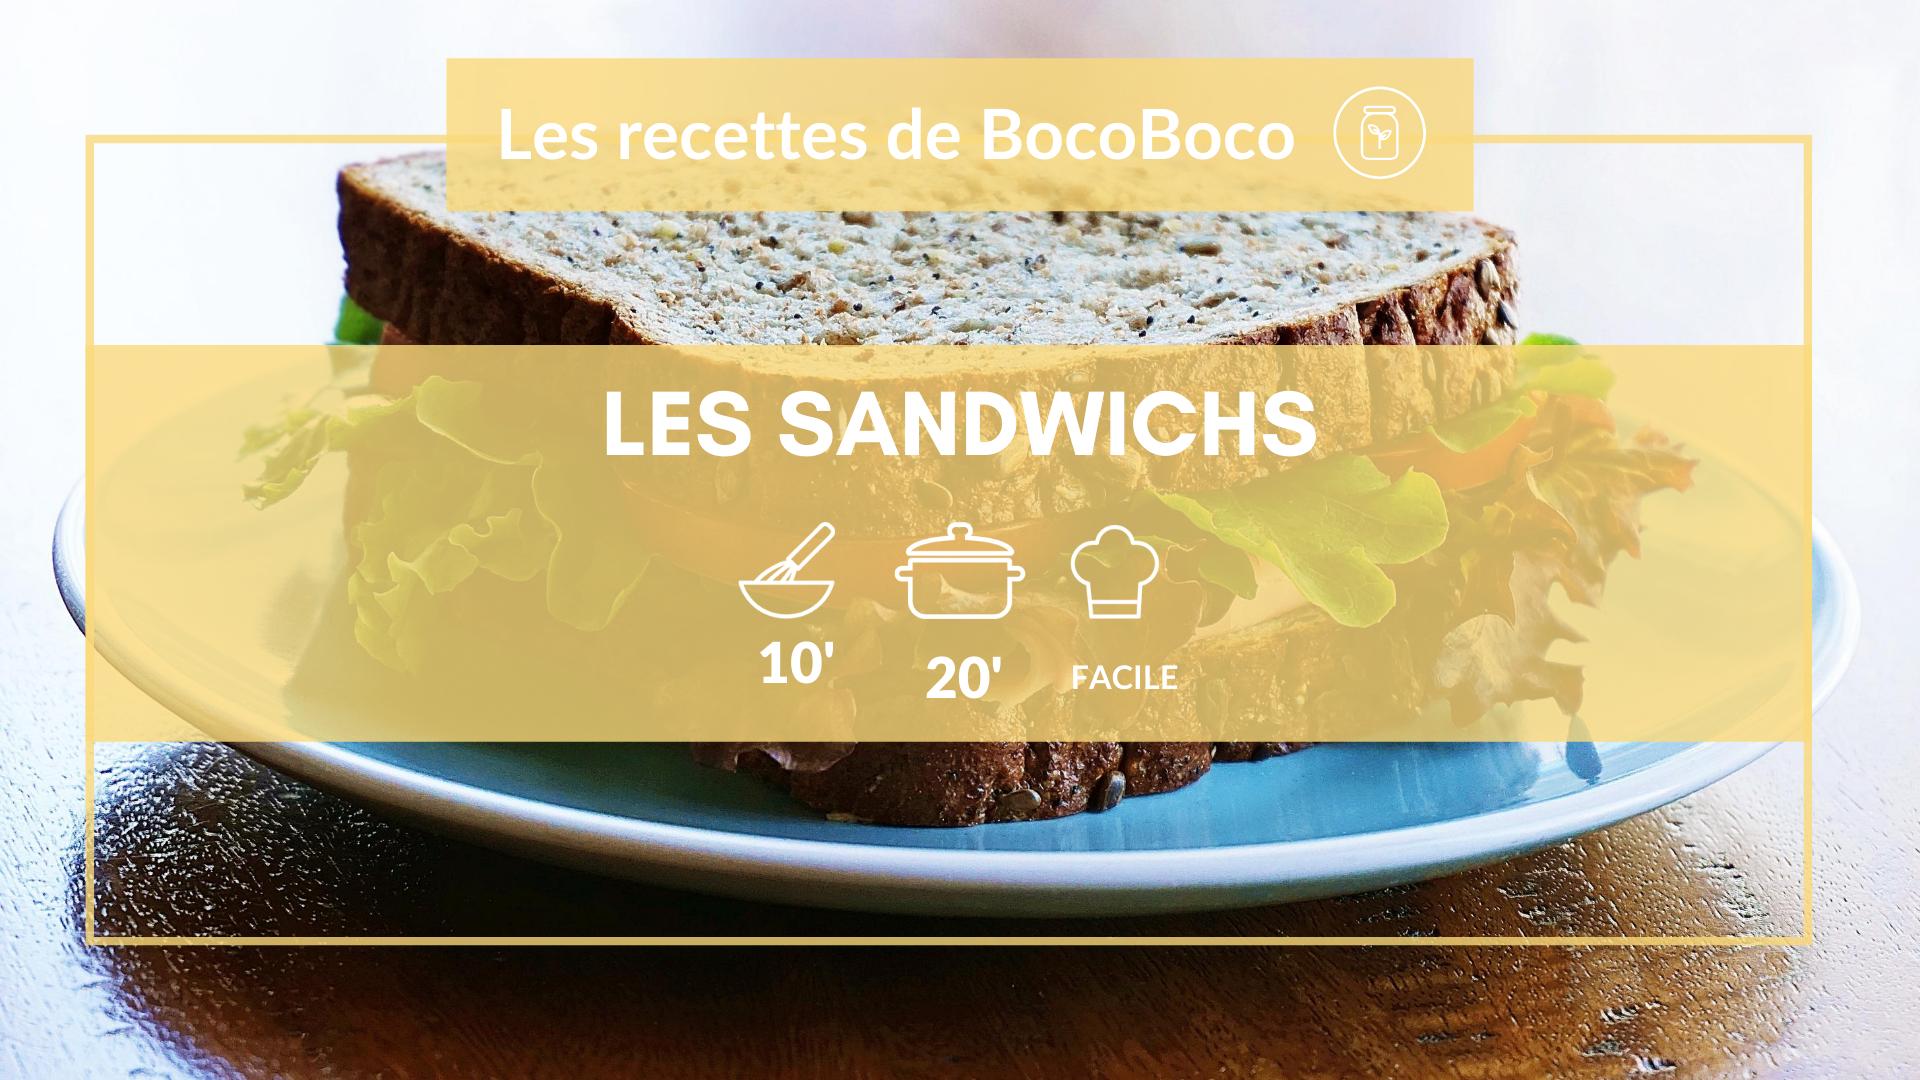 Recette de sandwichs